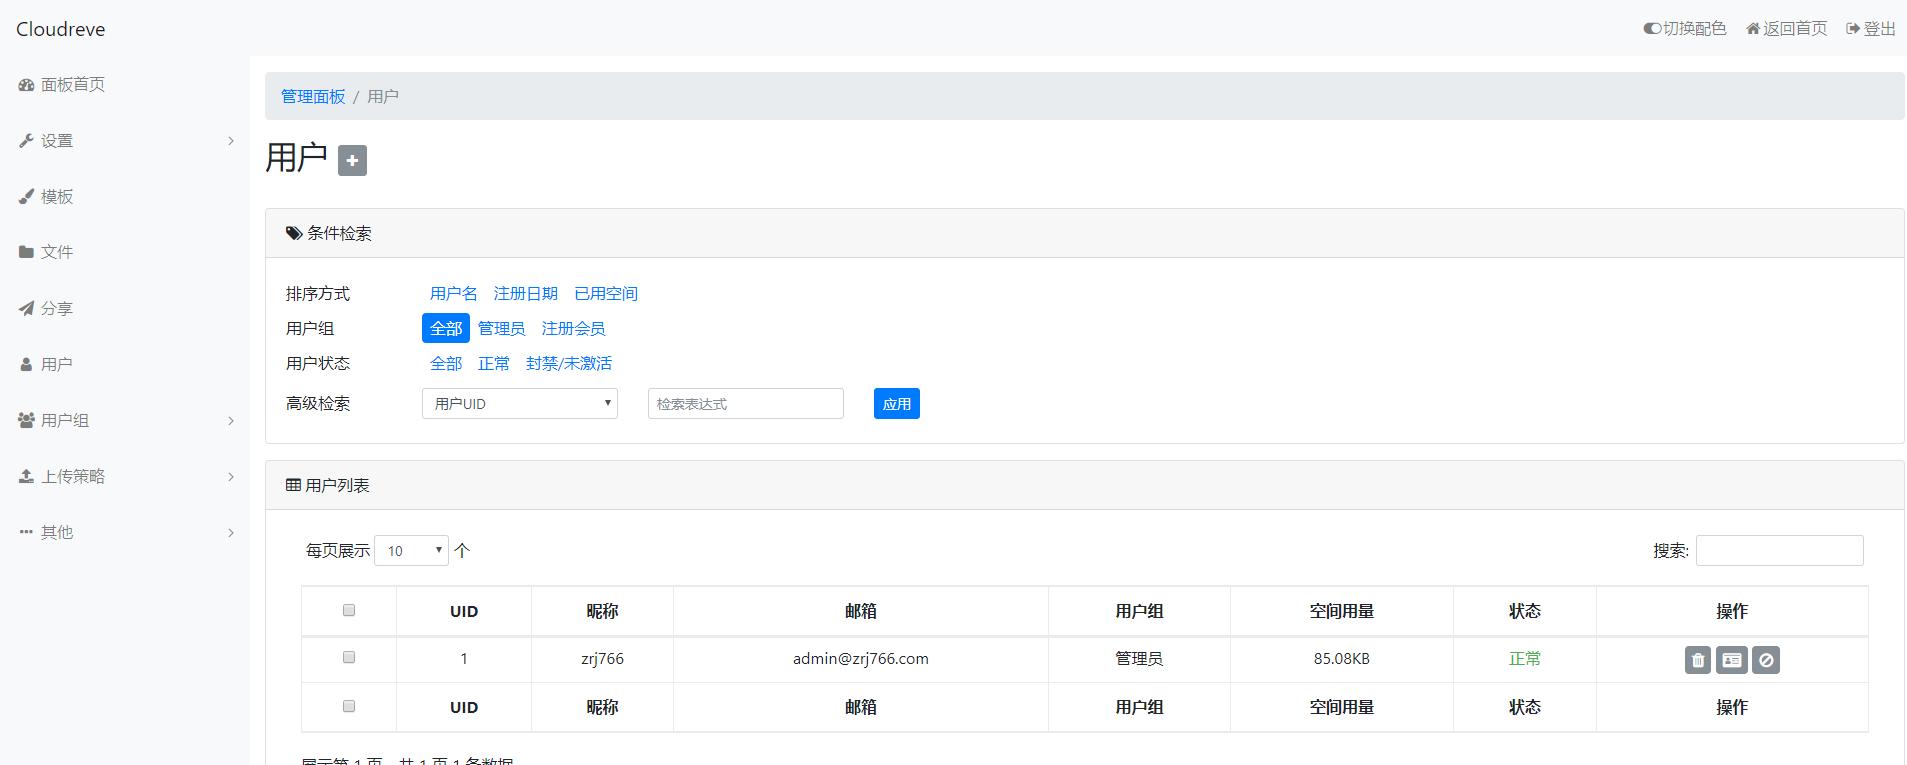 Cloudreve 网盘系统 安装展示